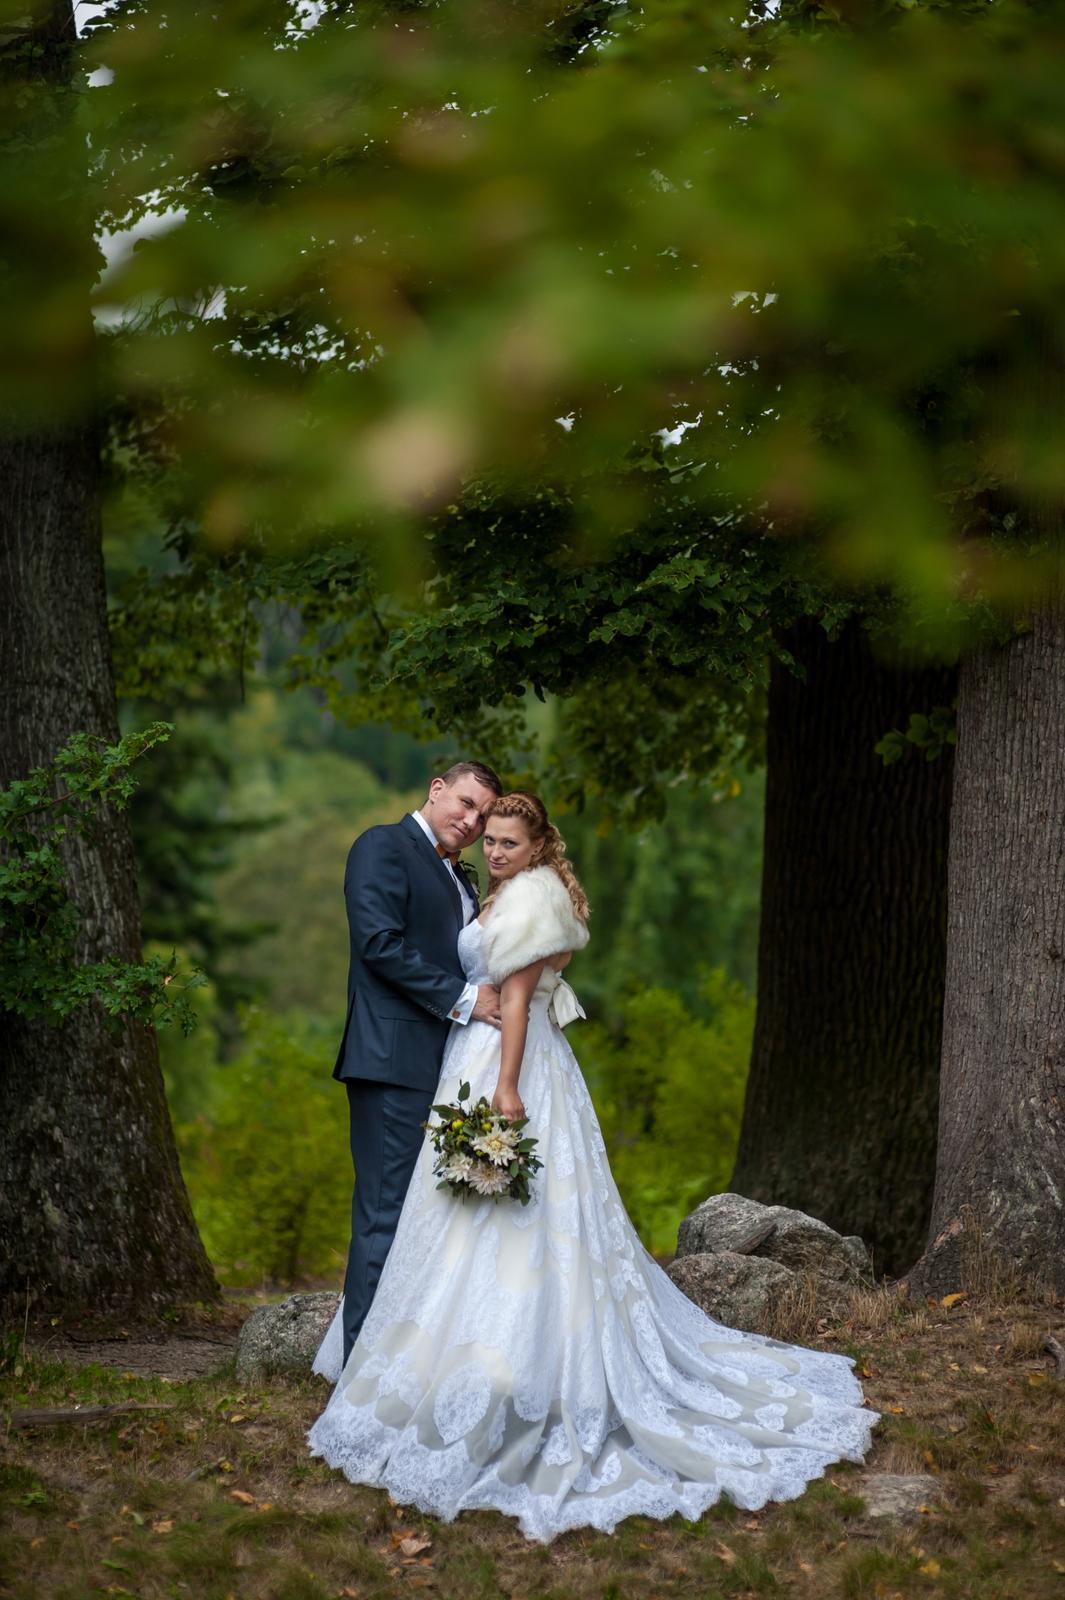 Wedding ♥ - Obrázek č. 53